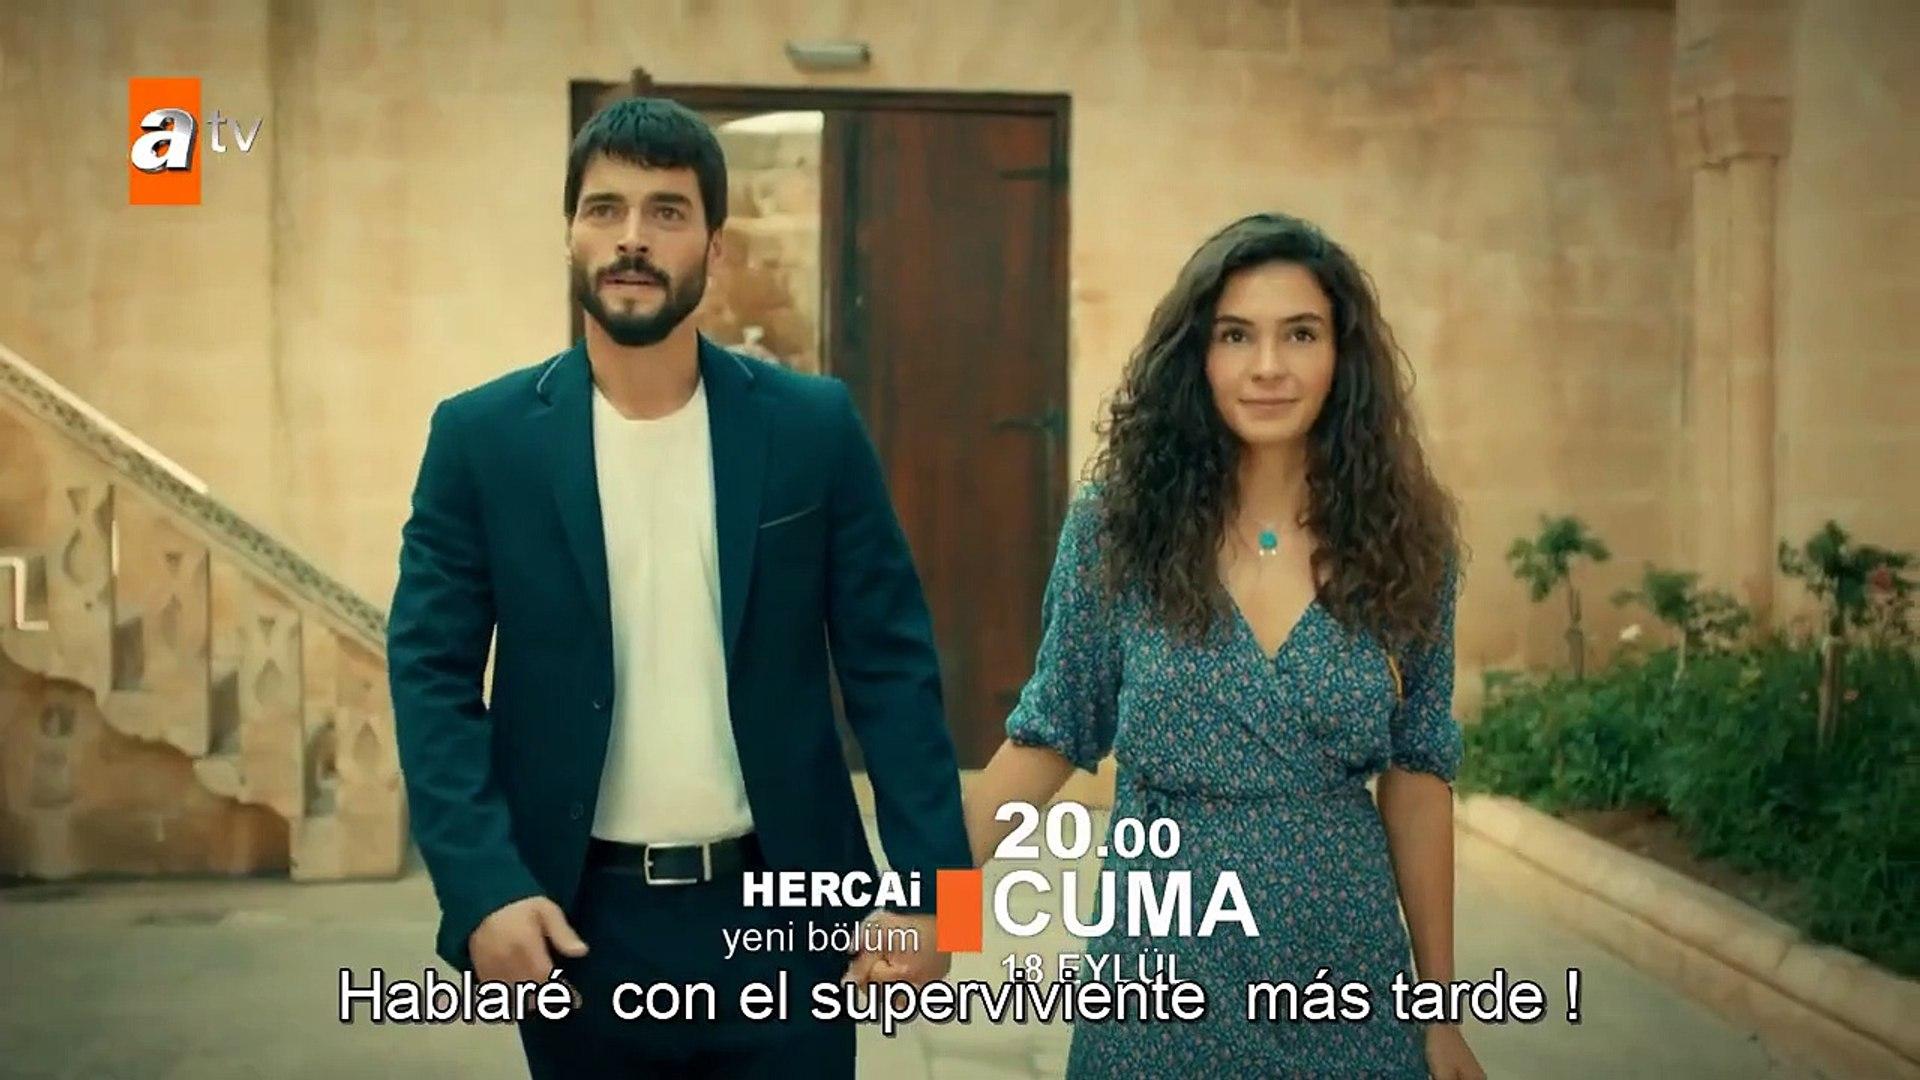 Hercai Tercera Temporada Capitulo 1 Subtitulado En Español Fragmento Novela Turca Video Dailymotion